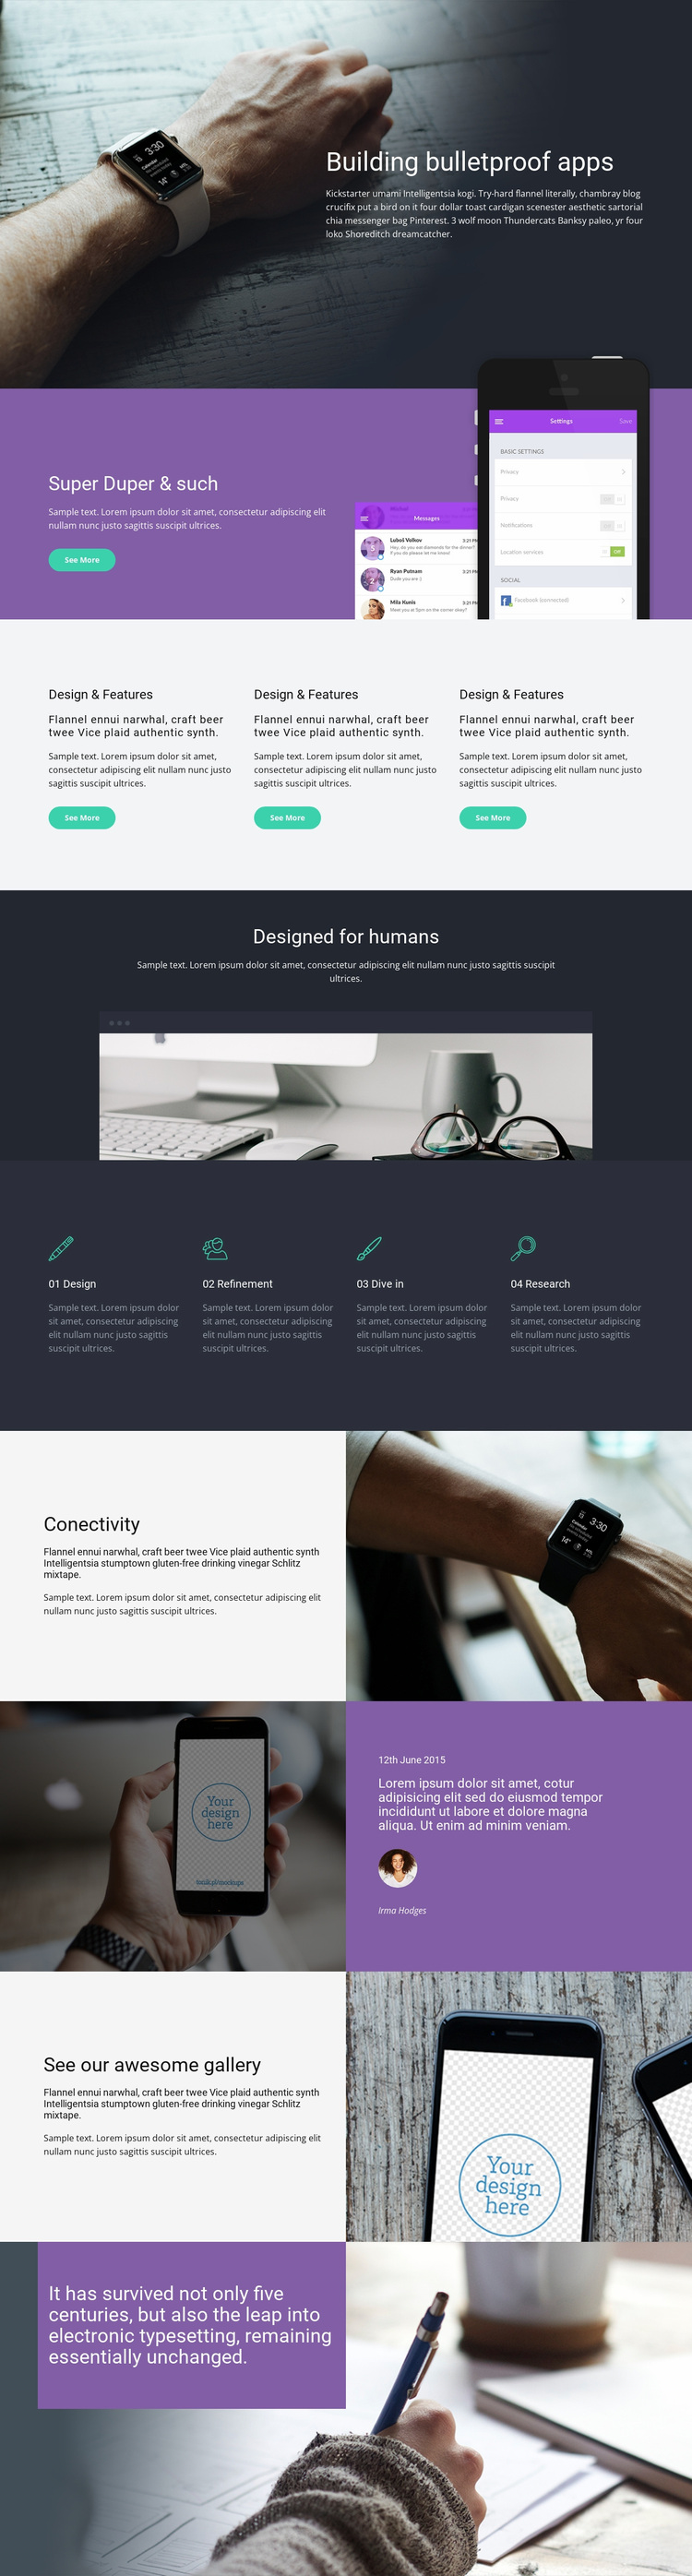 Bulletproof Apps Website Design